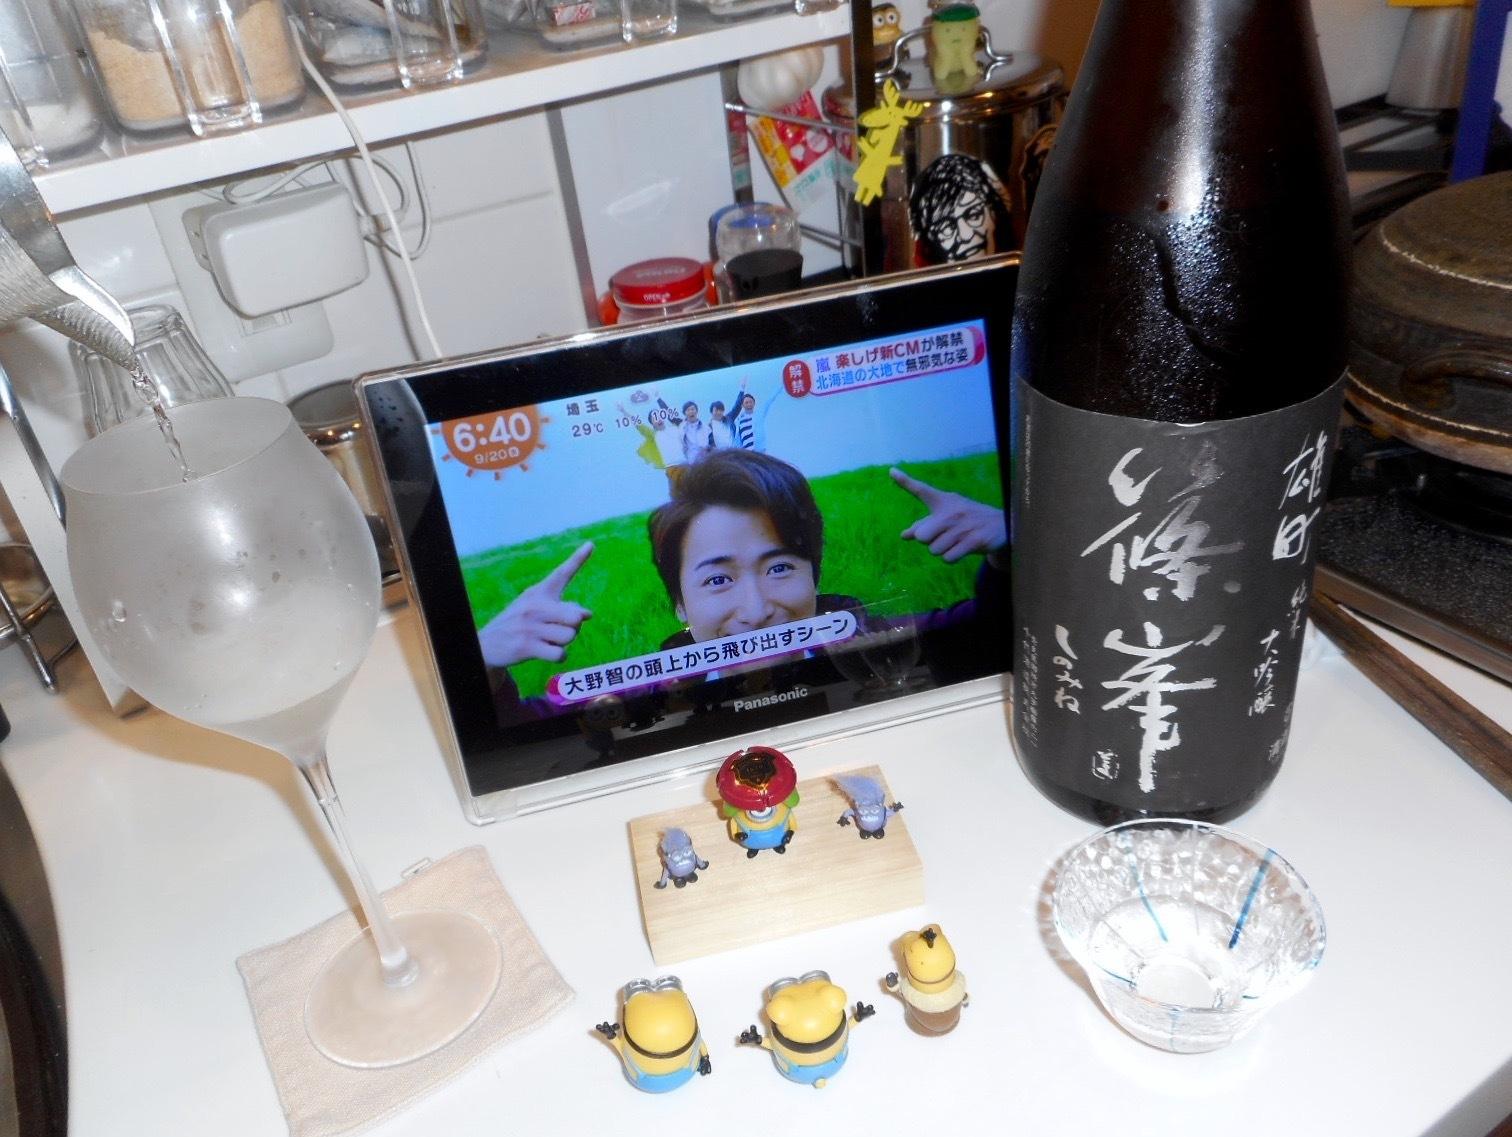 shinomine_jundai_omachi_hiire26by2_5.jpg